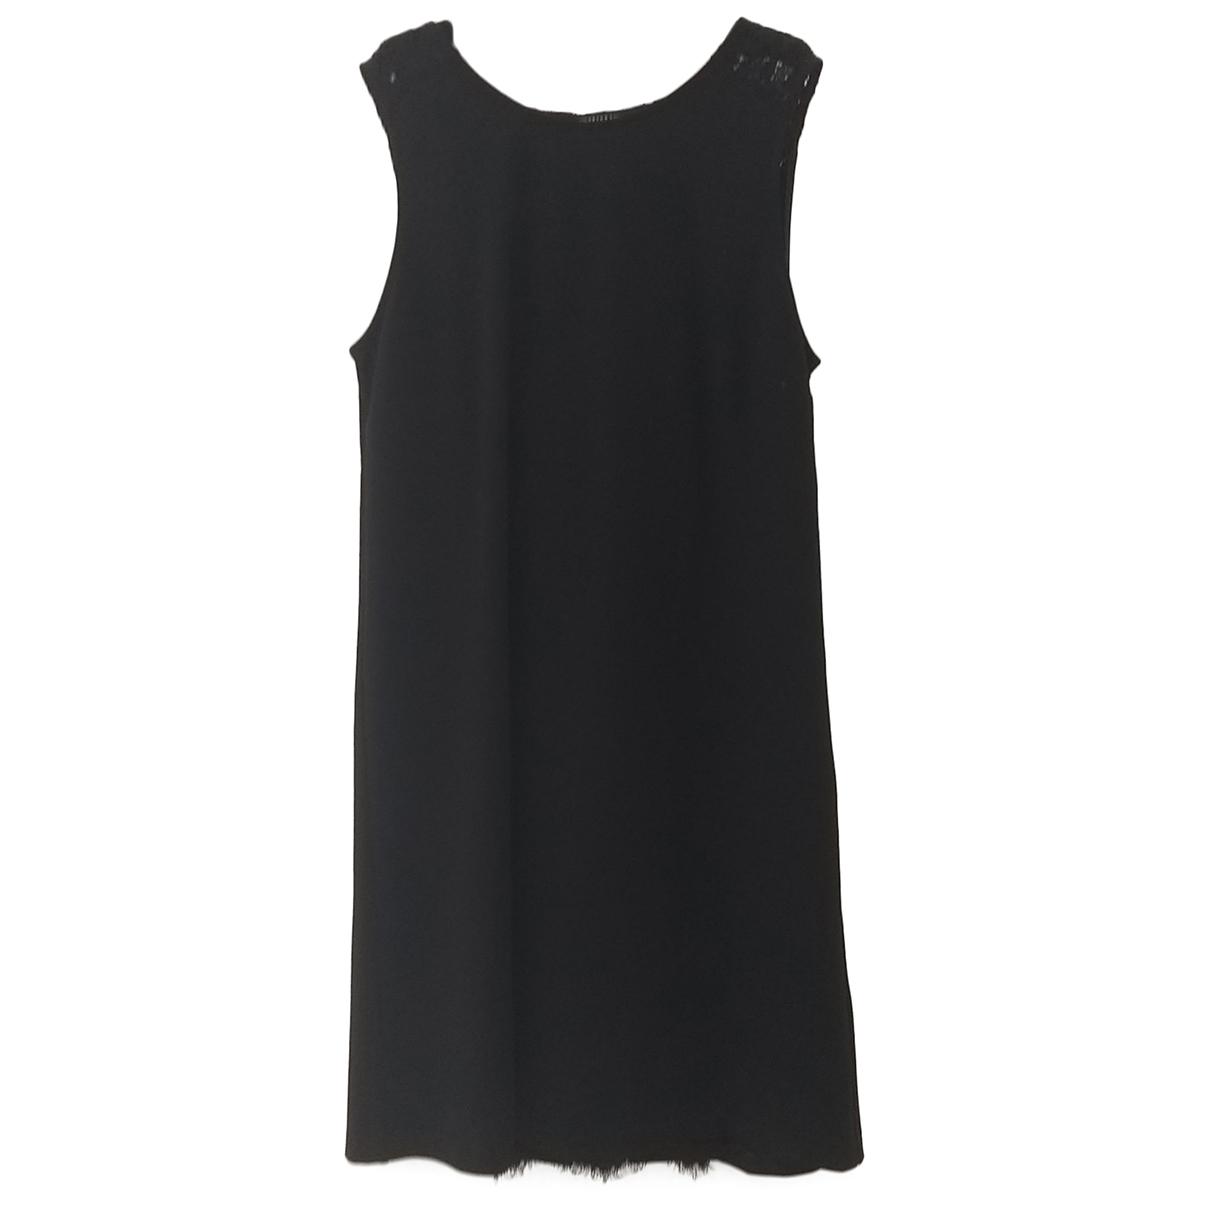 Twin Set \N Black dress for Women 36 IT